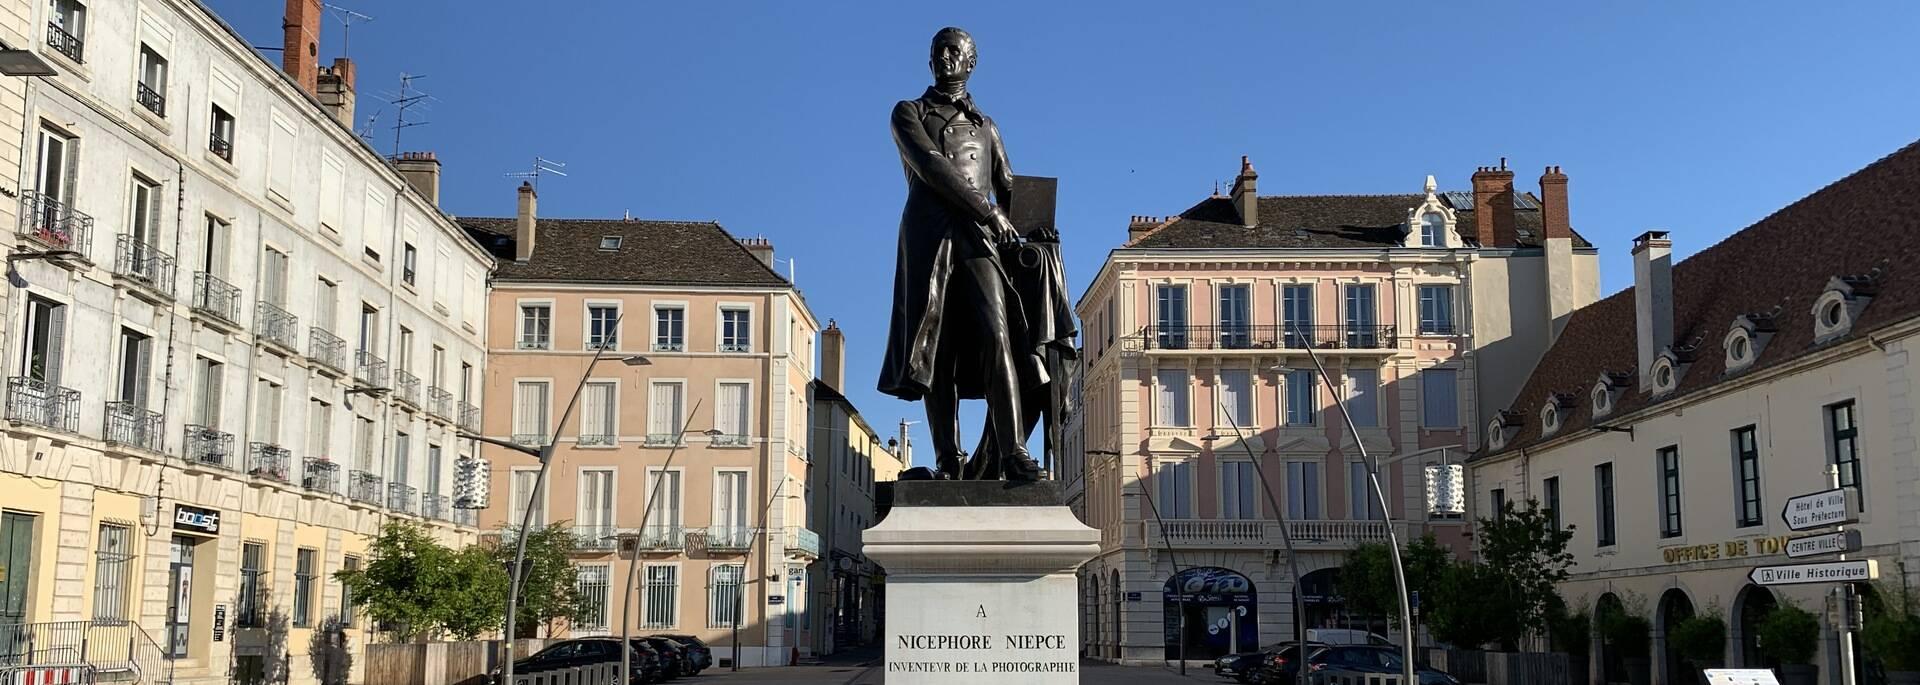 Chalon sur Saône Office de Tourisme Statue Niepce